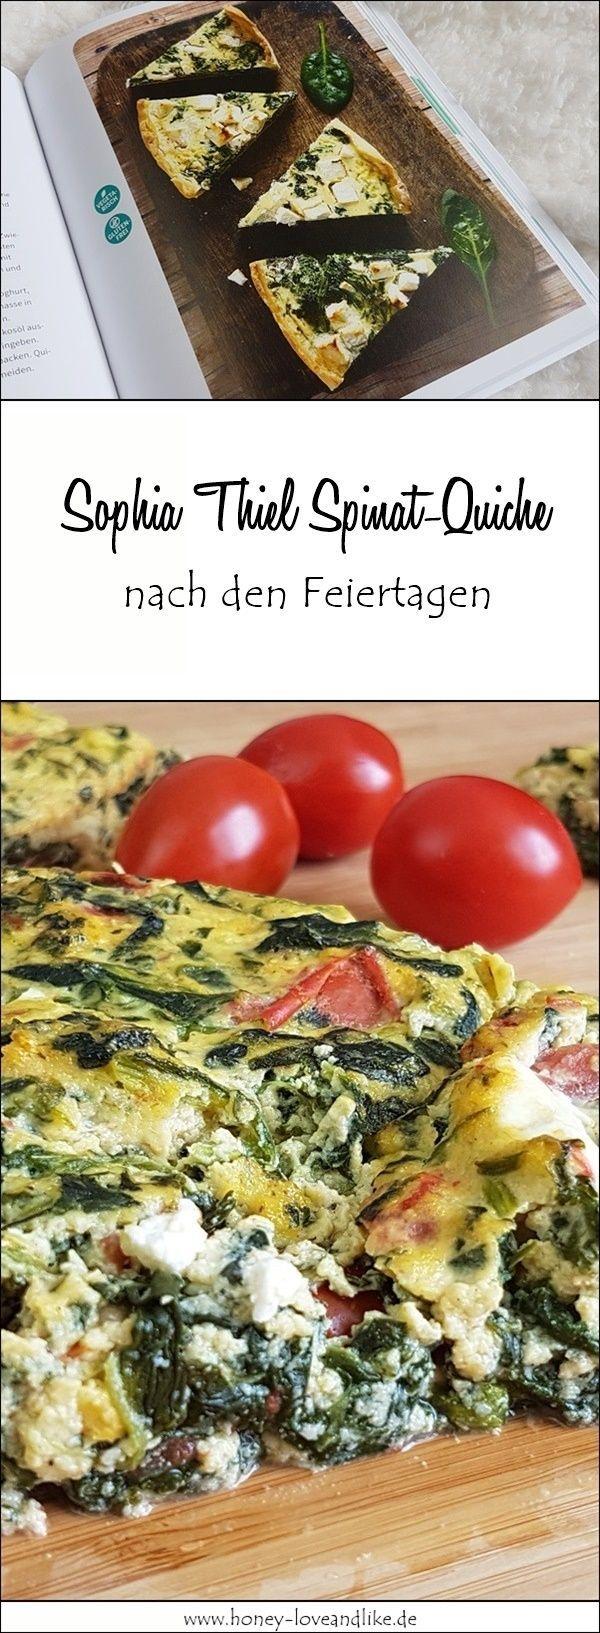 Nach den Feiertagen überdenken viele Menschen ihre Ernährung. Auch ich habe mir vorgenommen das neue Jahr gesund zu beginnen und meine Schwangerschaftspfunde loszuwerden. Heute zeige ich euch ein weiteres Sophia Thiel Rezept, ihre Spinat-Feta-Quiche. #SophiaThiel #Quiche #lowcarb #best keto recipes healthy #Leichte #LowCarb #Nachgekocht #Sophia #SpinatFetaQuiche #Thiel